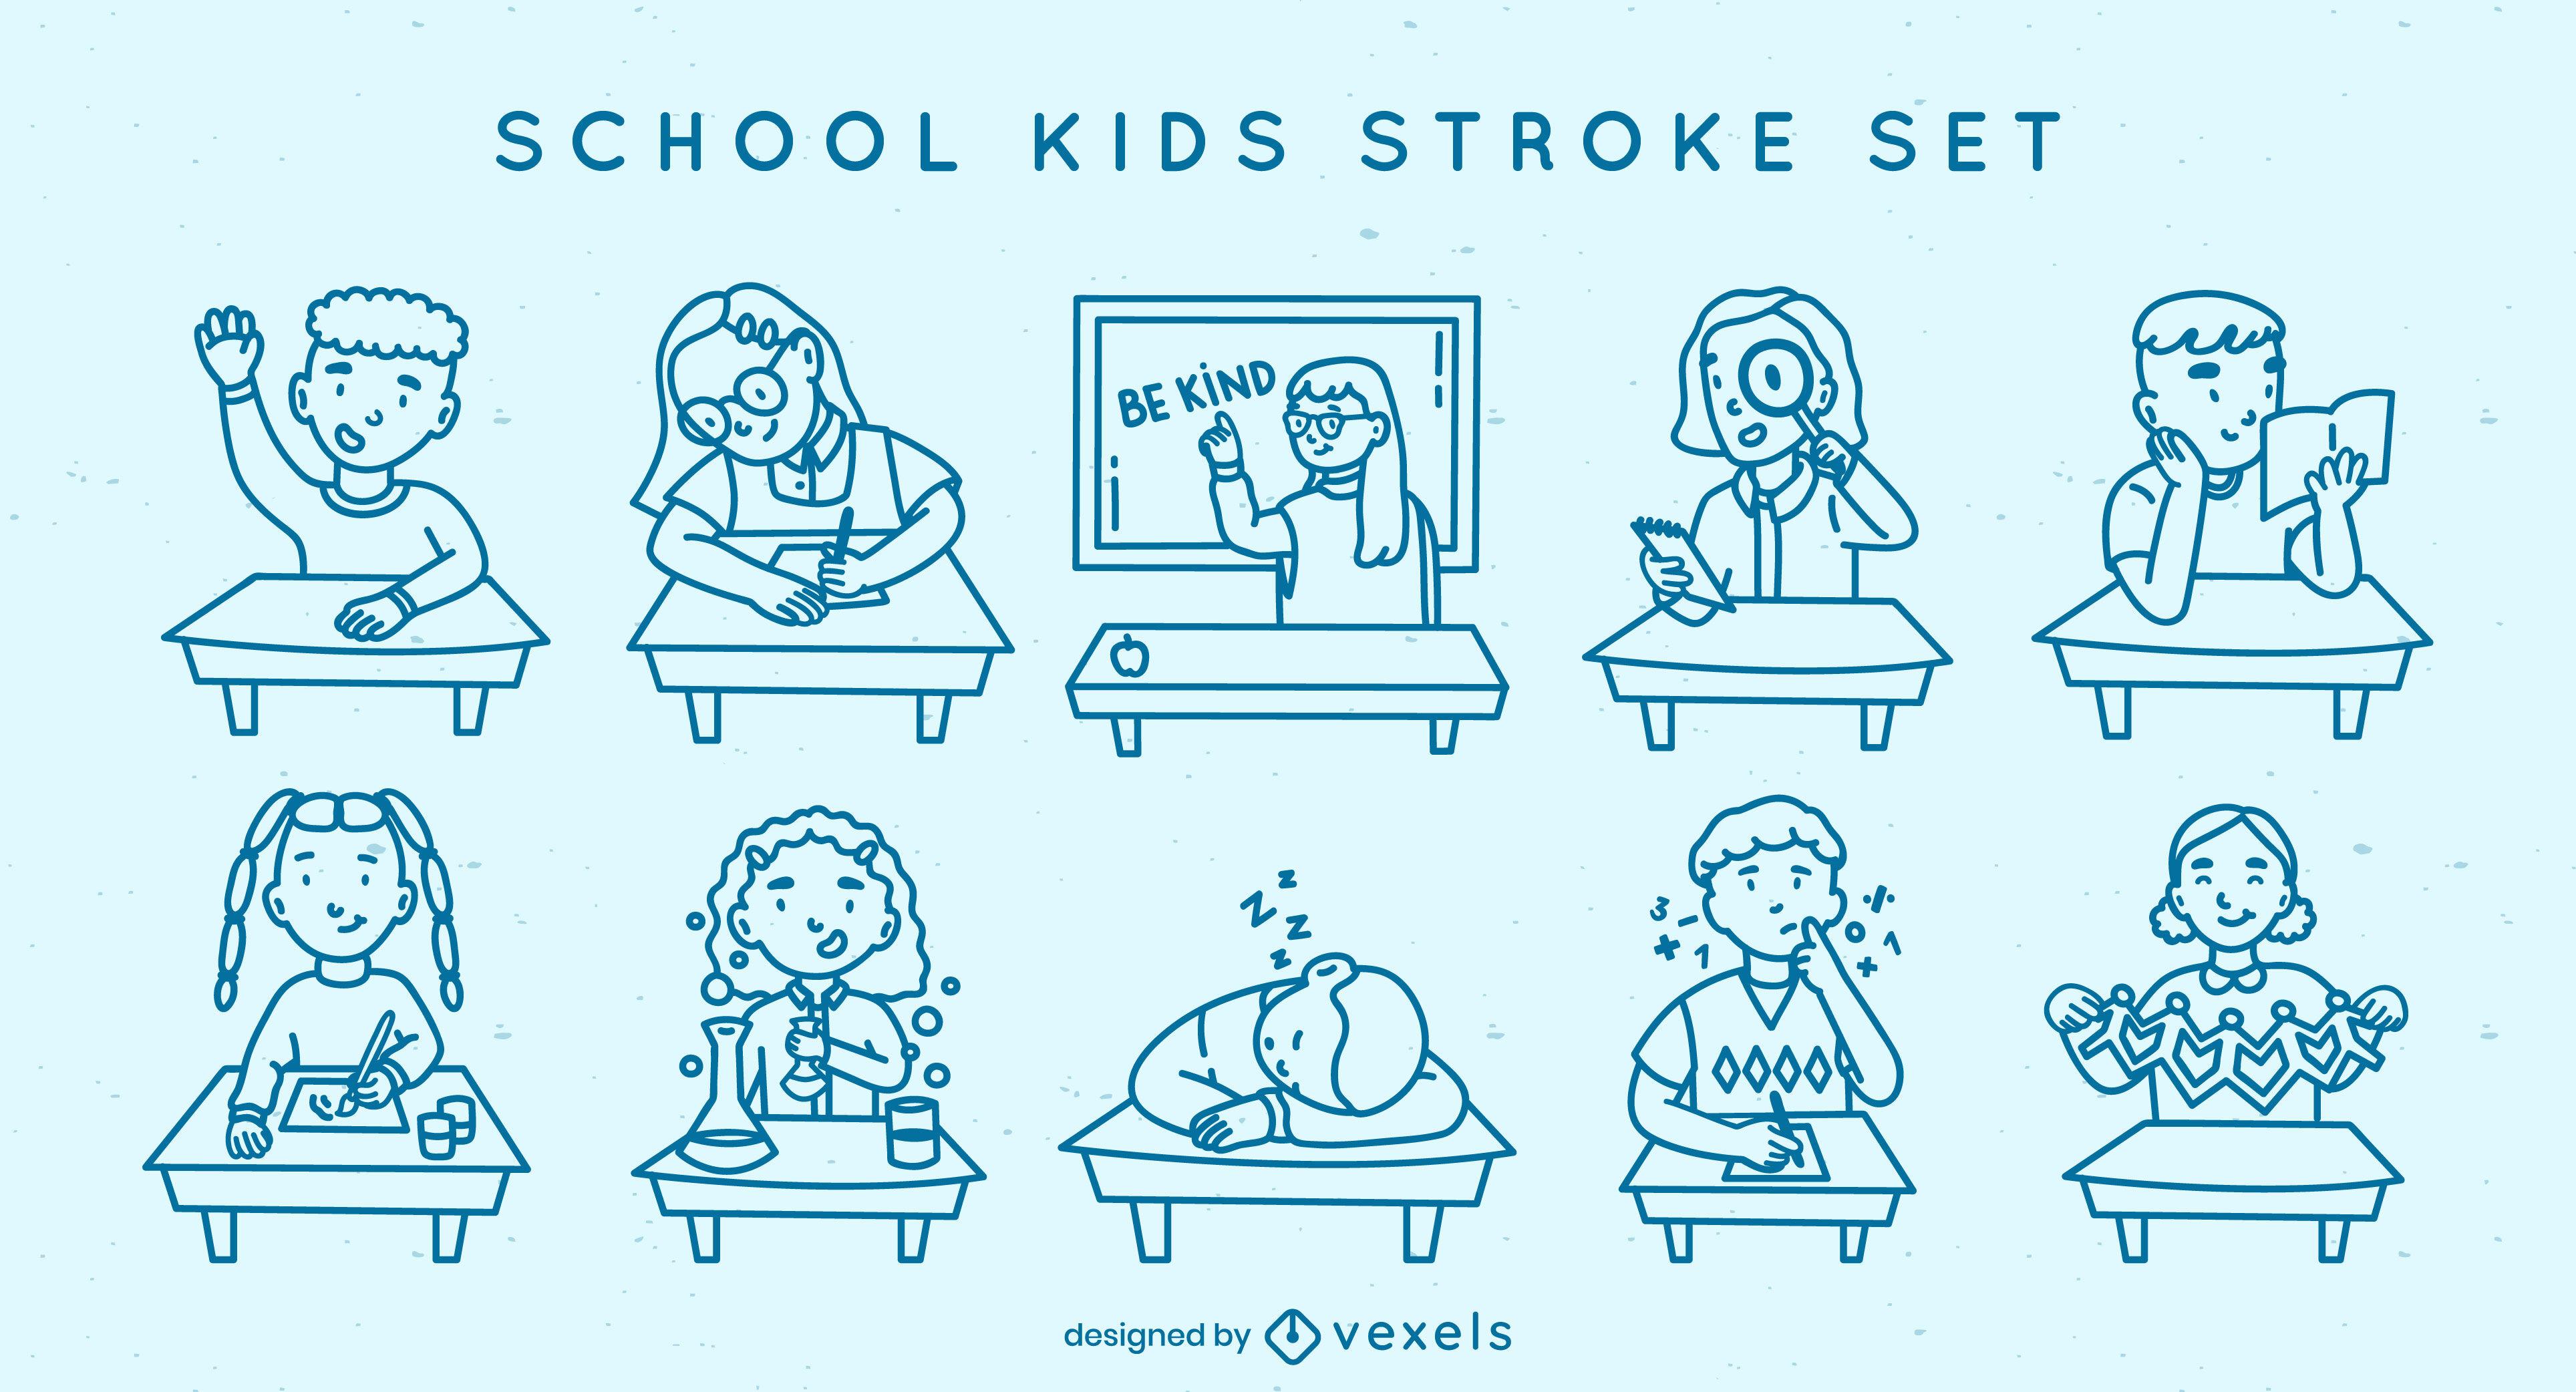 School kids stroke set